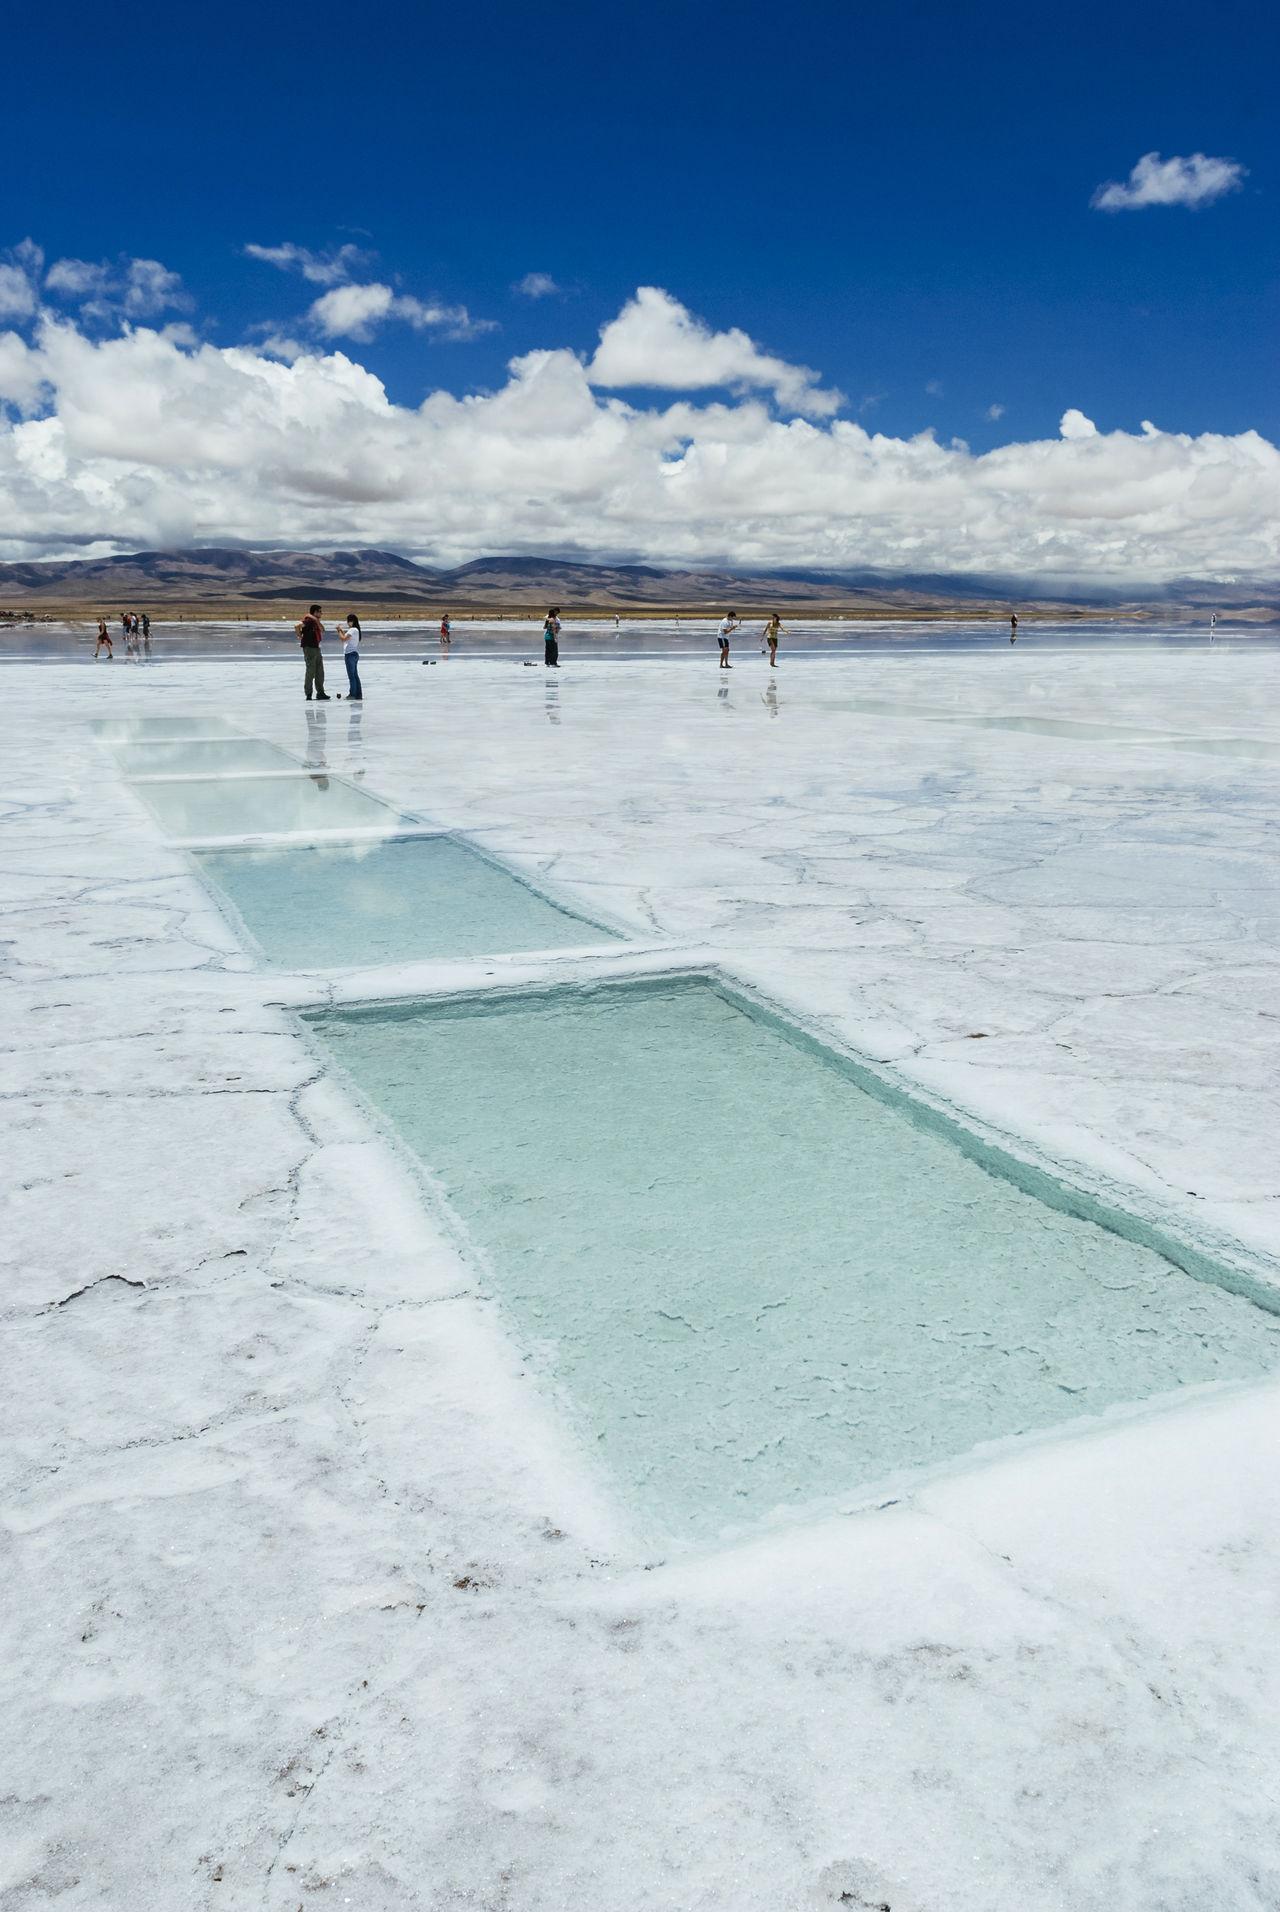 Argentina Jujuy Province Landscape Outdoors Salinas Grandes Salt Salt Flat Salt Flats Sink